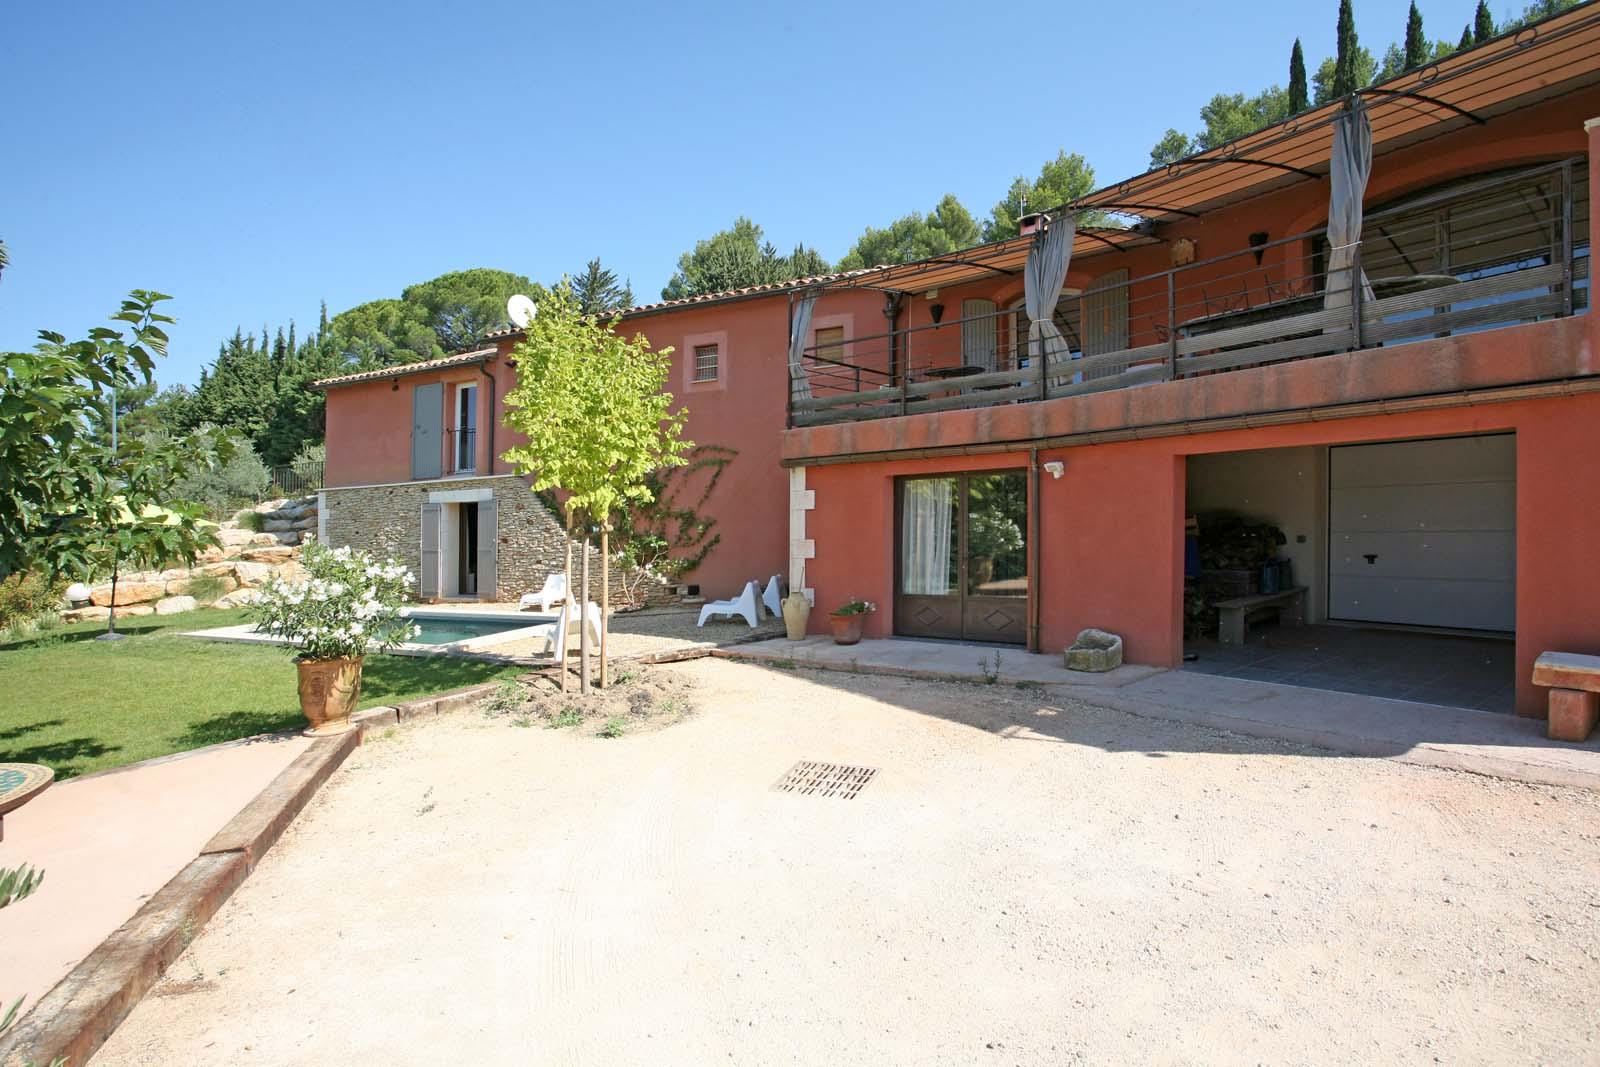 En bordure d'un village prisé du Luberon, maison avec piscine à vendre